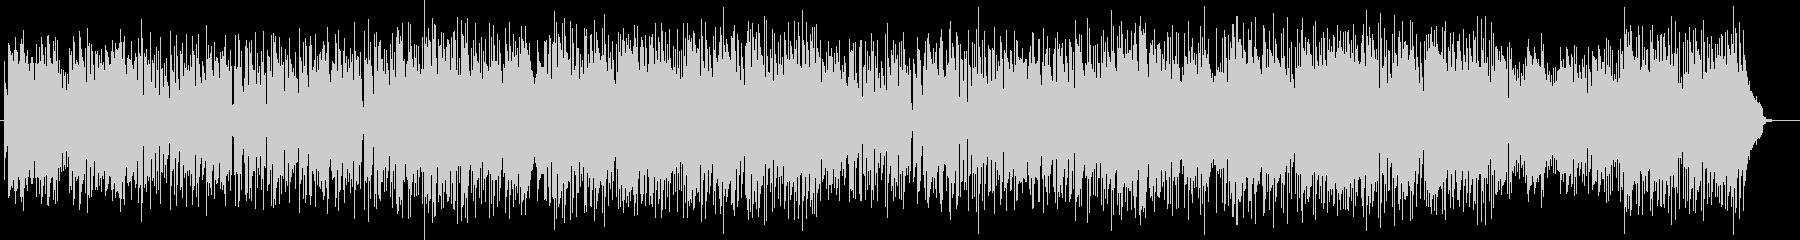 軽やかアーバンなシンセピアノサウンドの未再生の波形